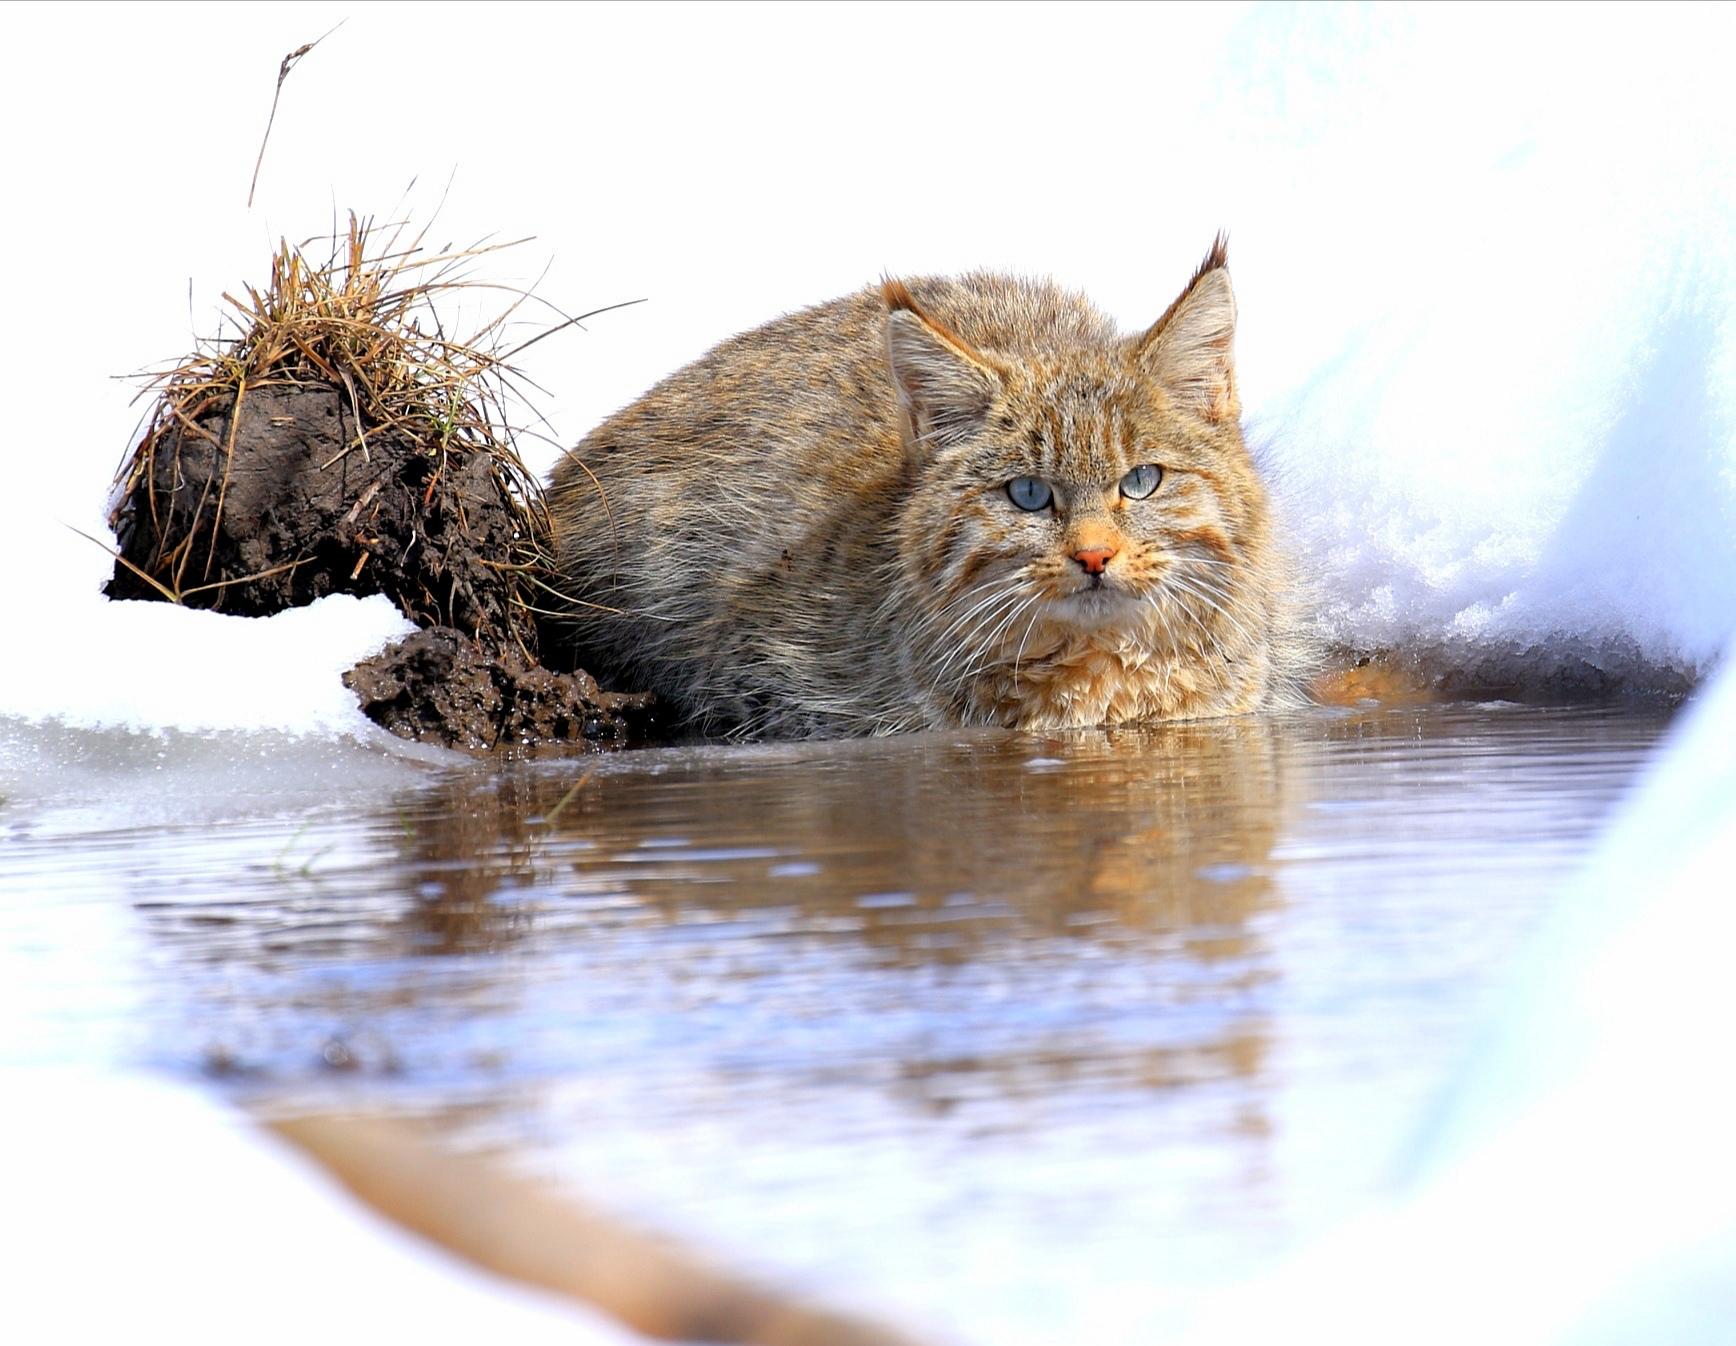 世界最神秘的猫科动物再次亮相祁